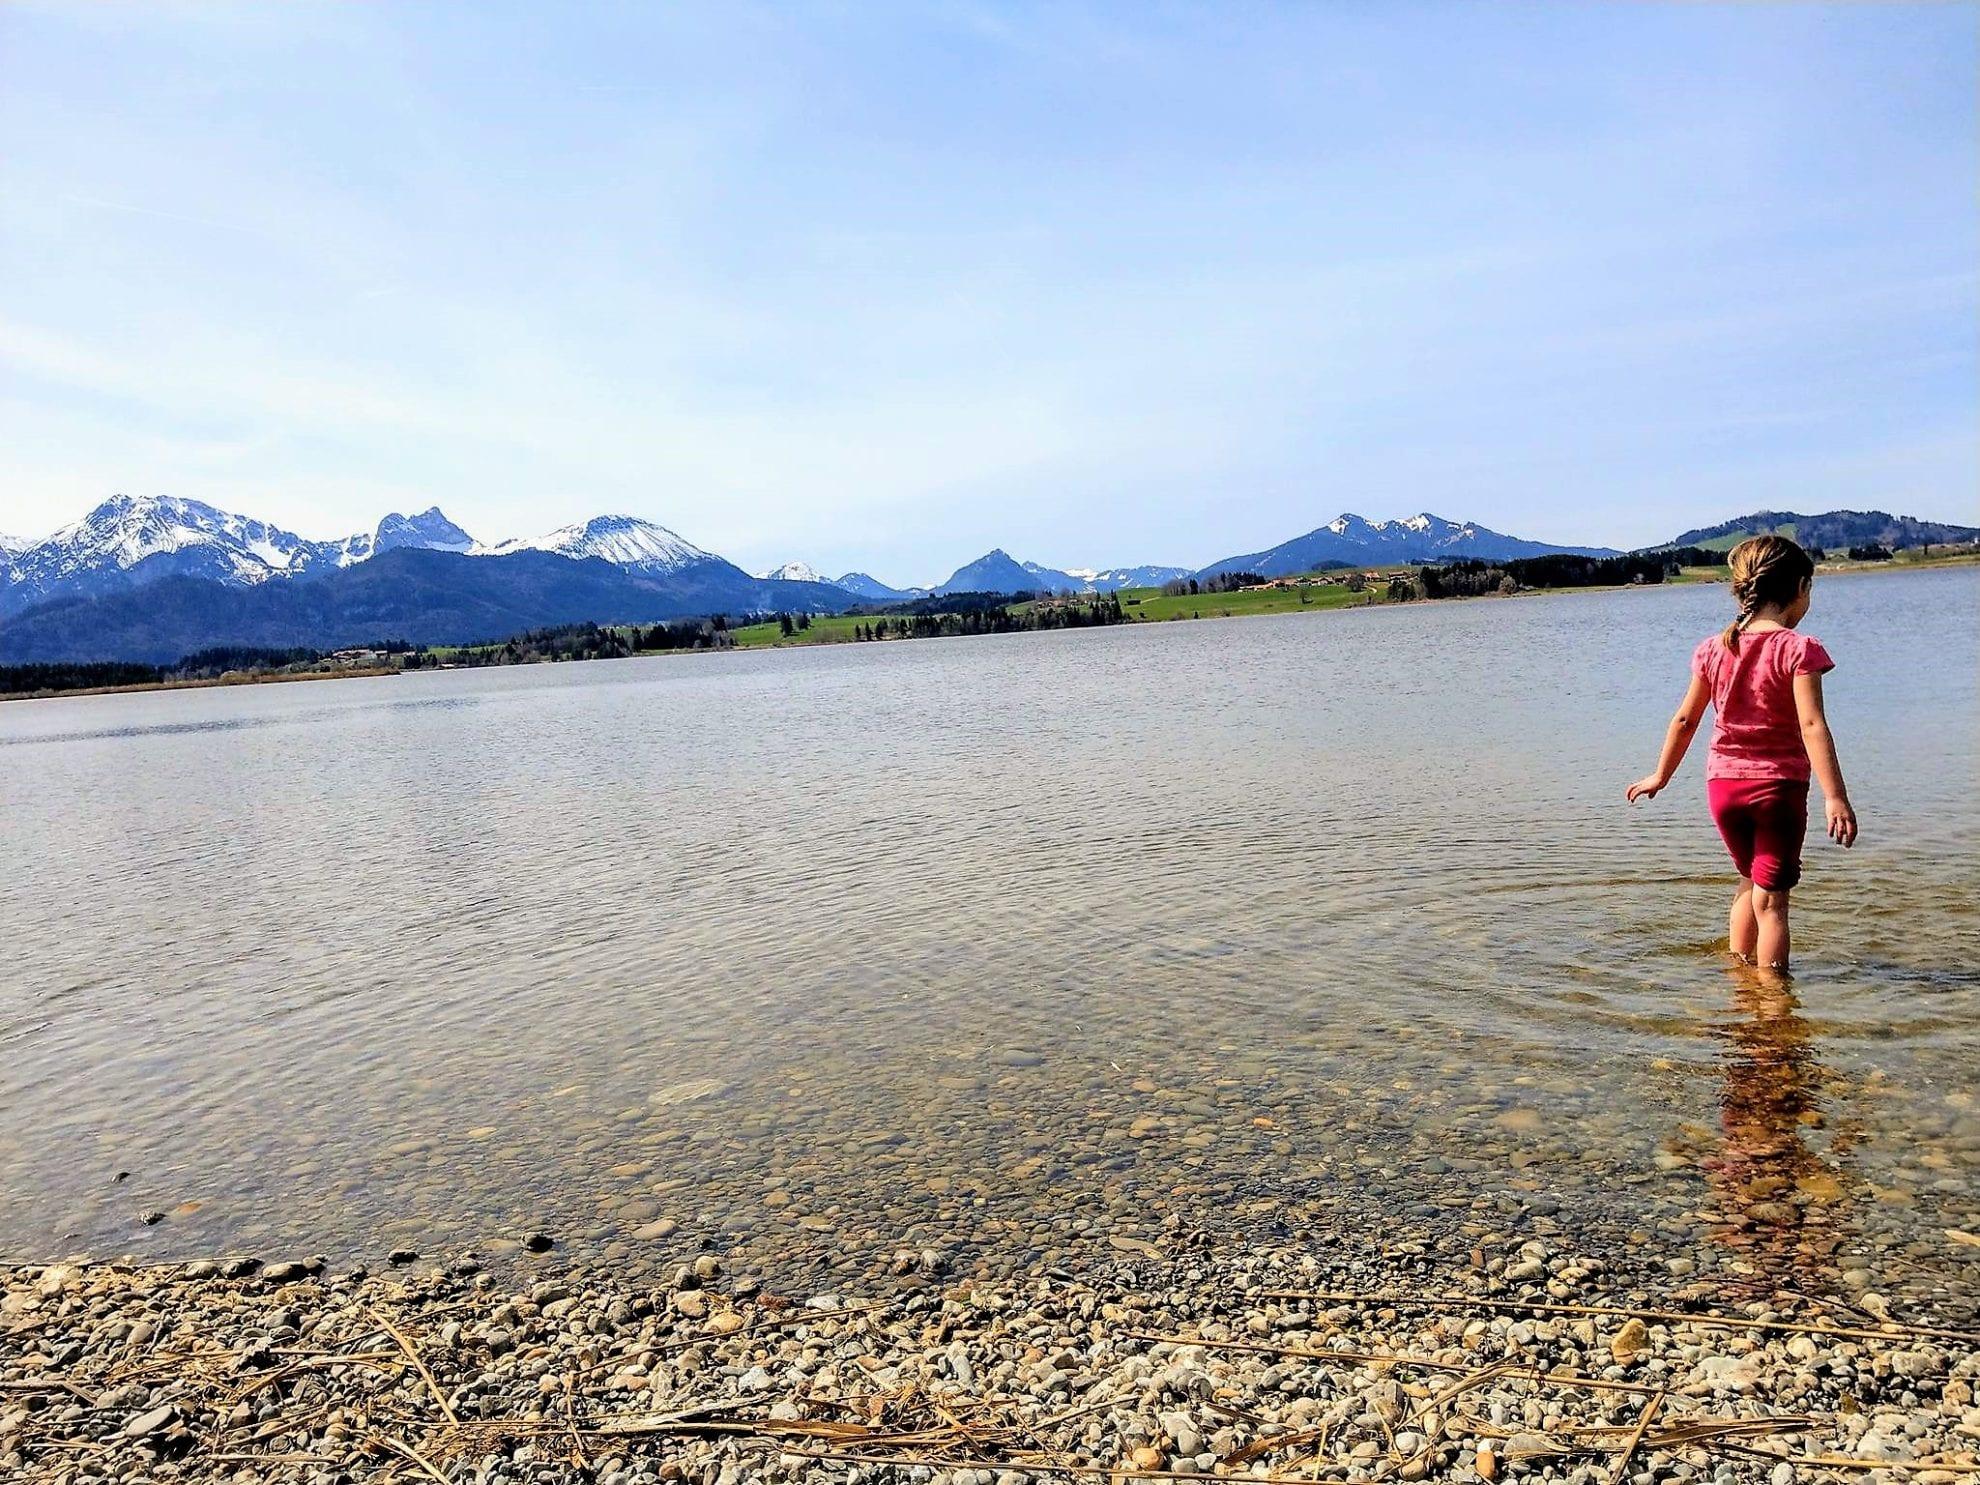 Ab ins kalte Nass und auf der Suche nach Muscheln im Hopfensee. Der Blick auf die Berge vollendet den Anblick